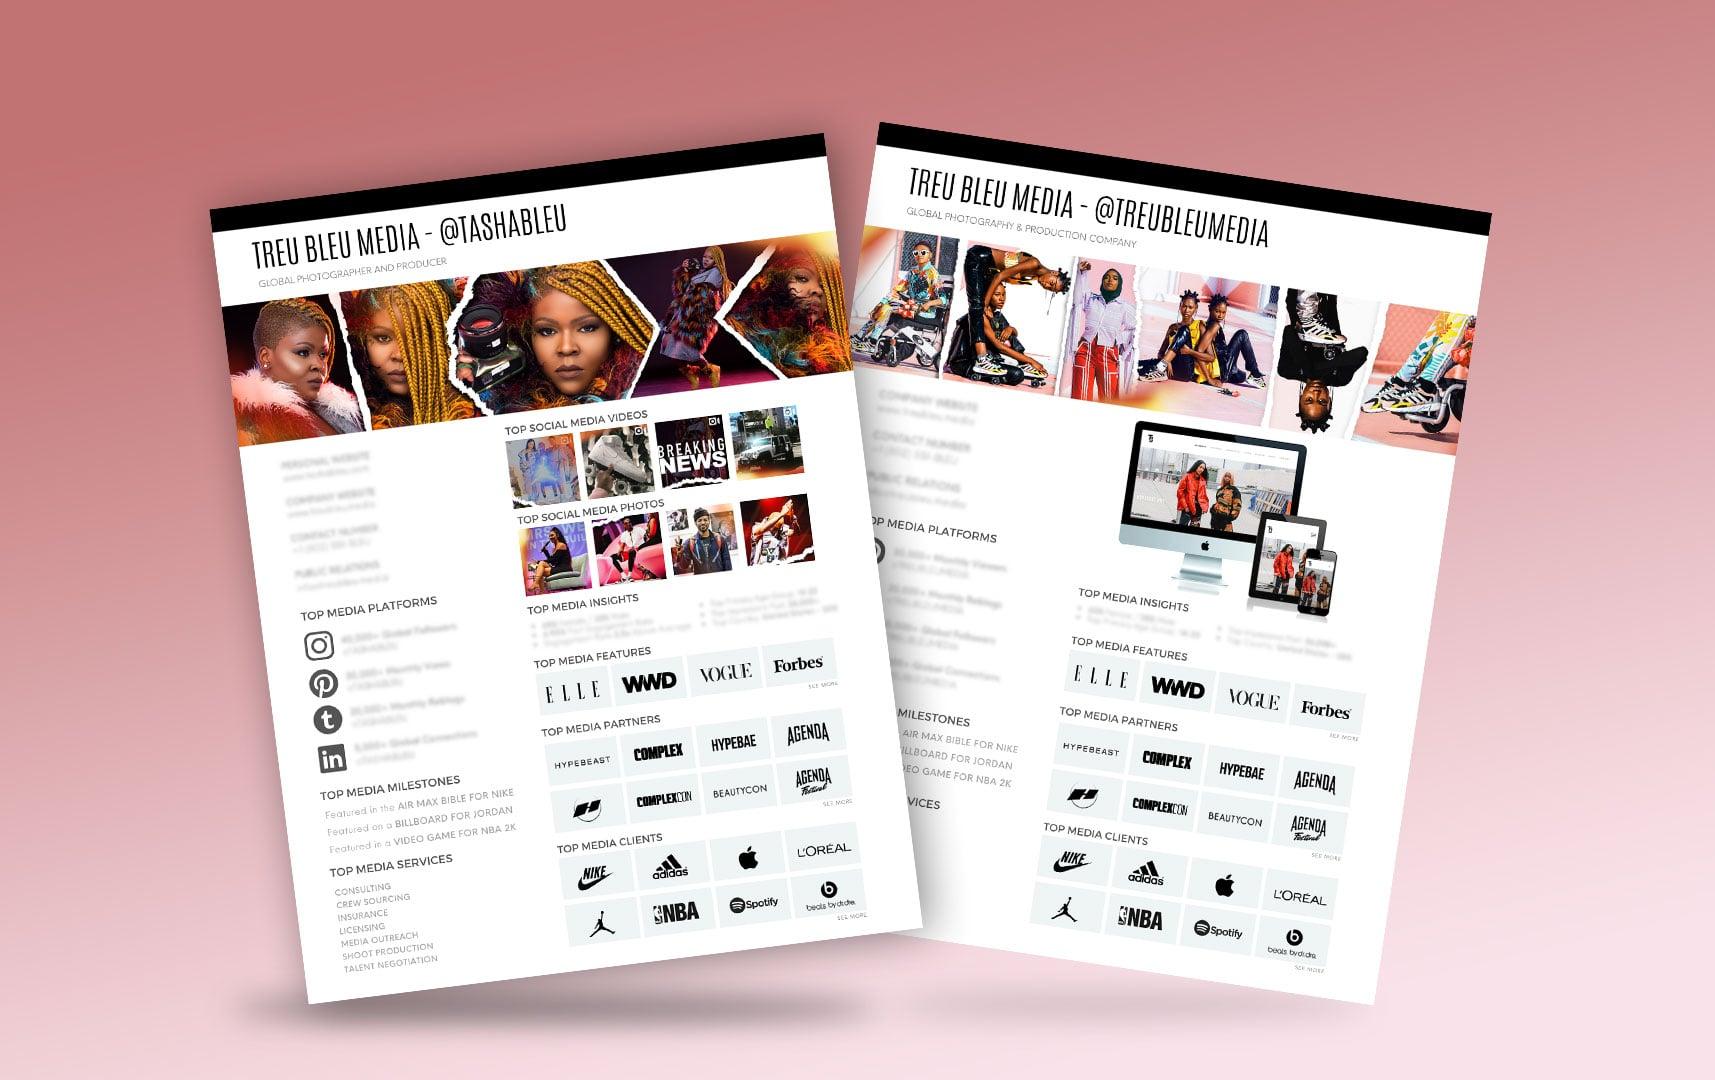 Tasha Bleu - Treu Bleu Media Kits